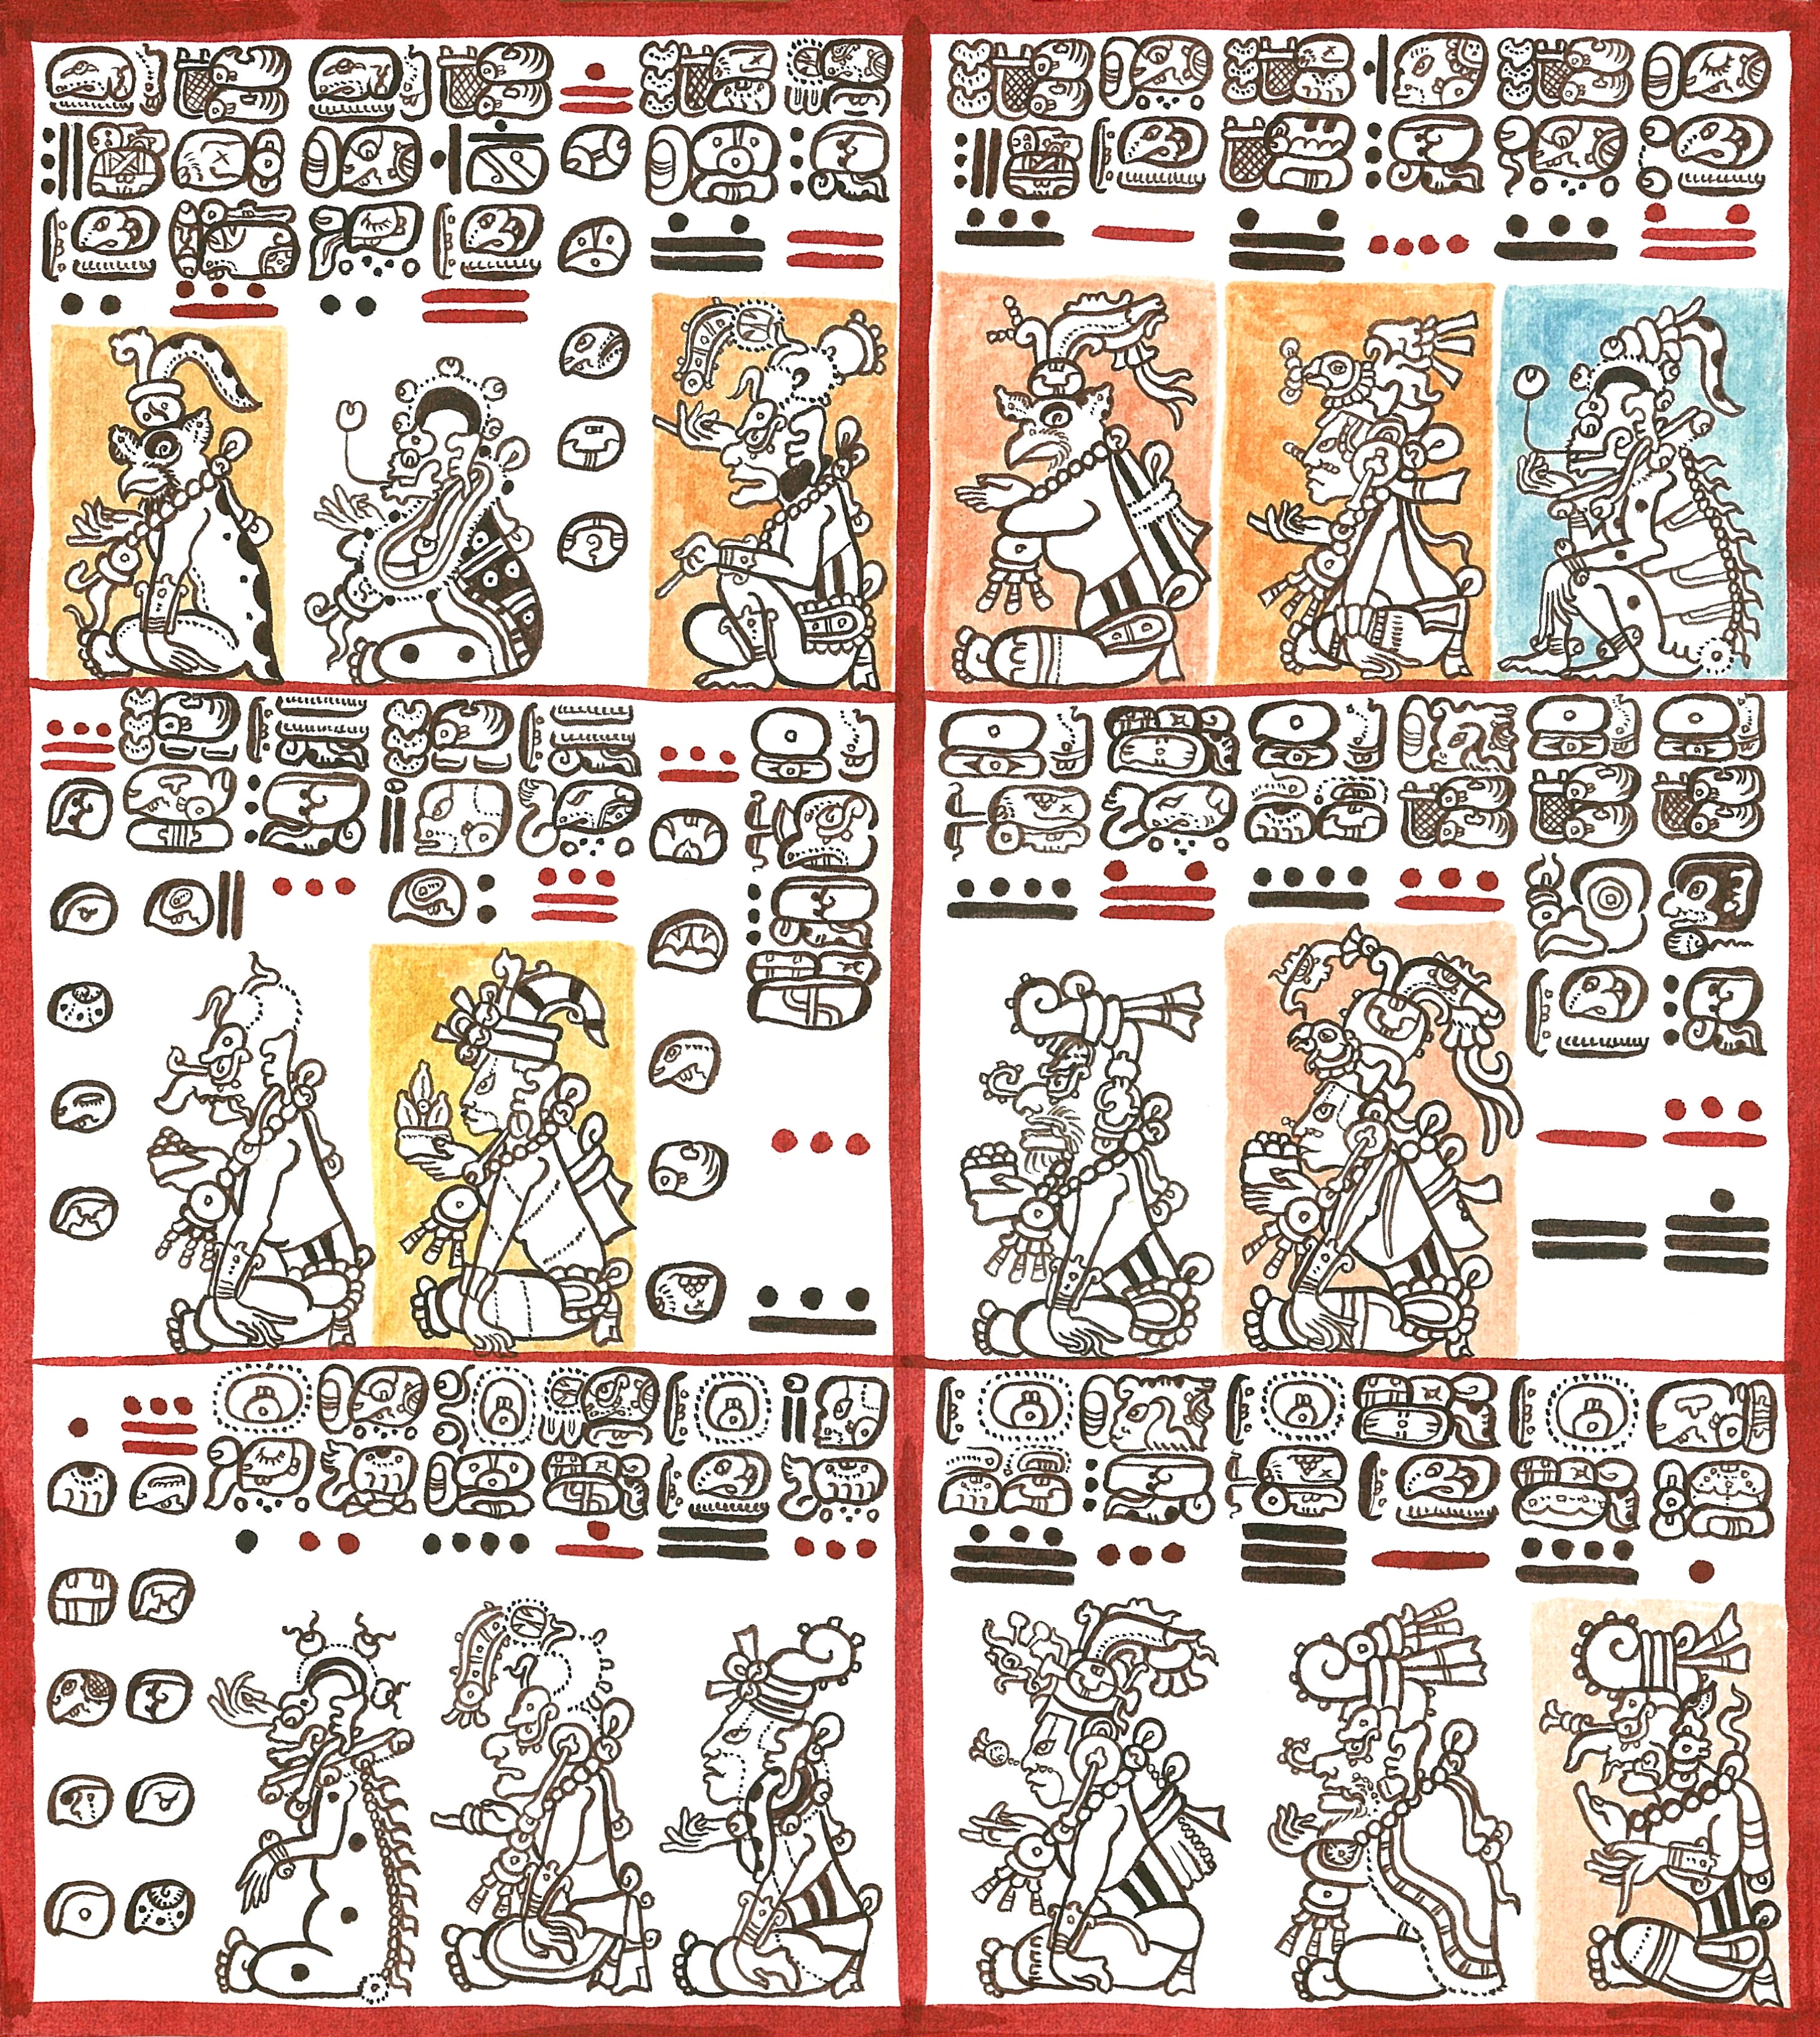 Maya codices - Wikipedia